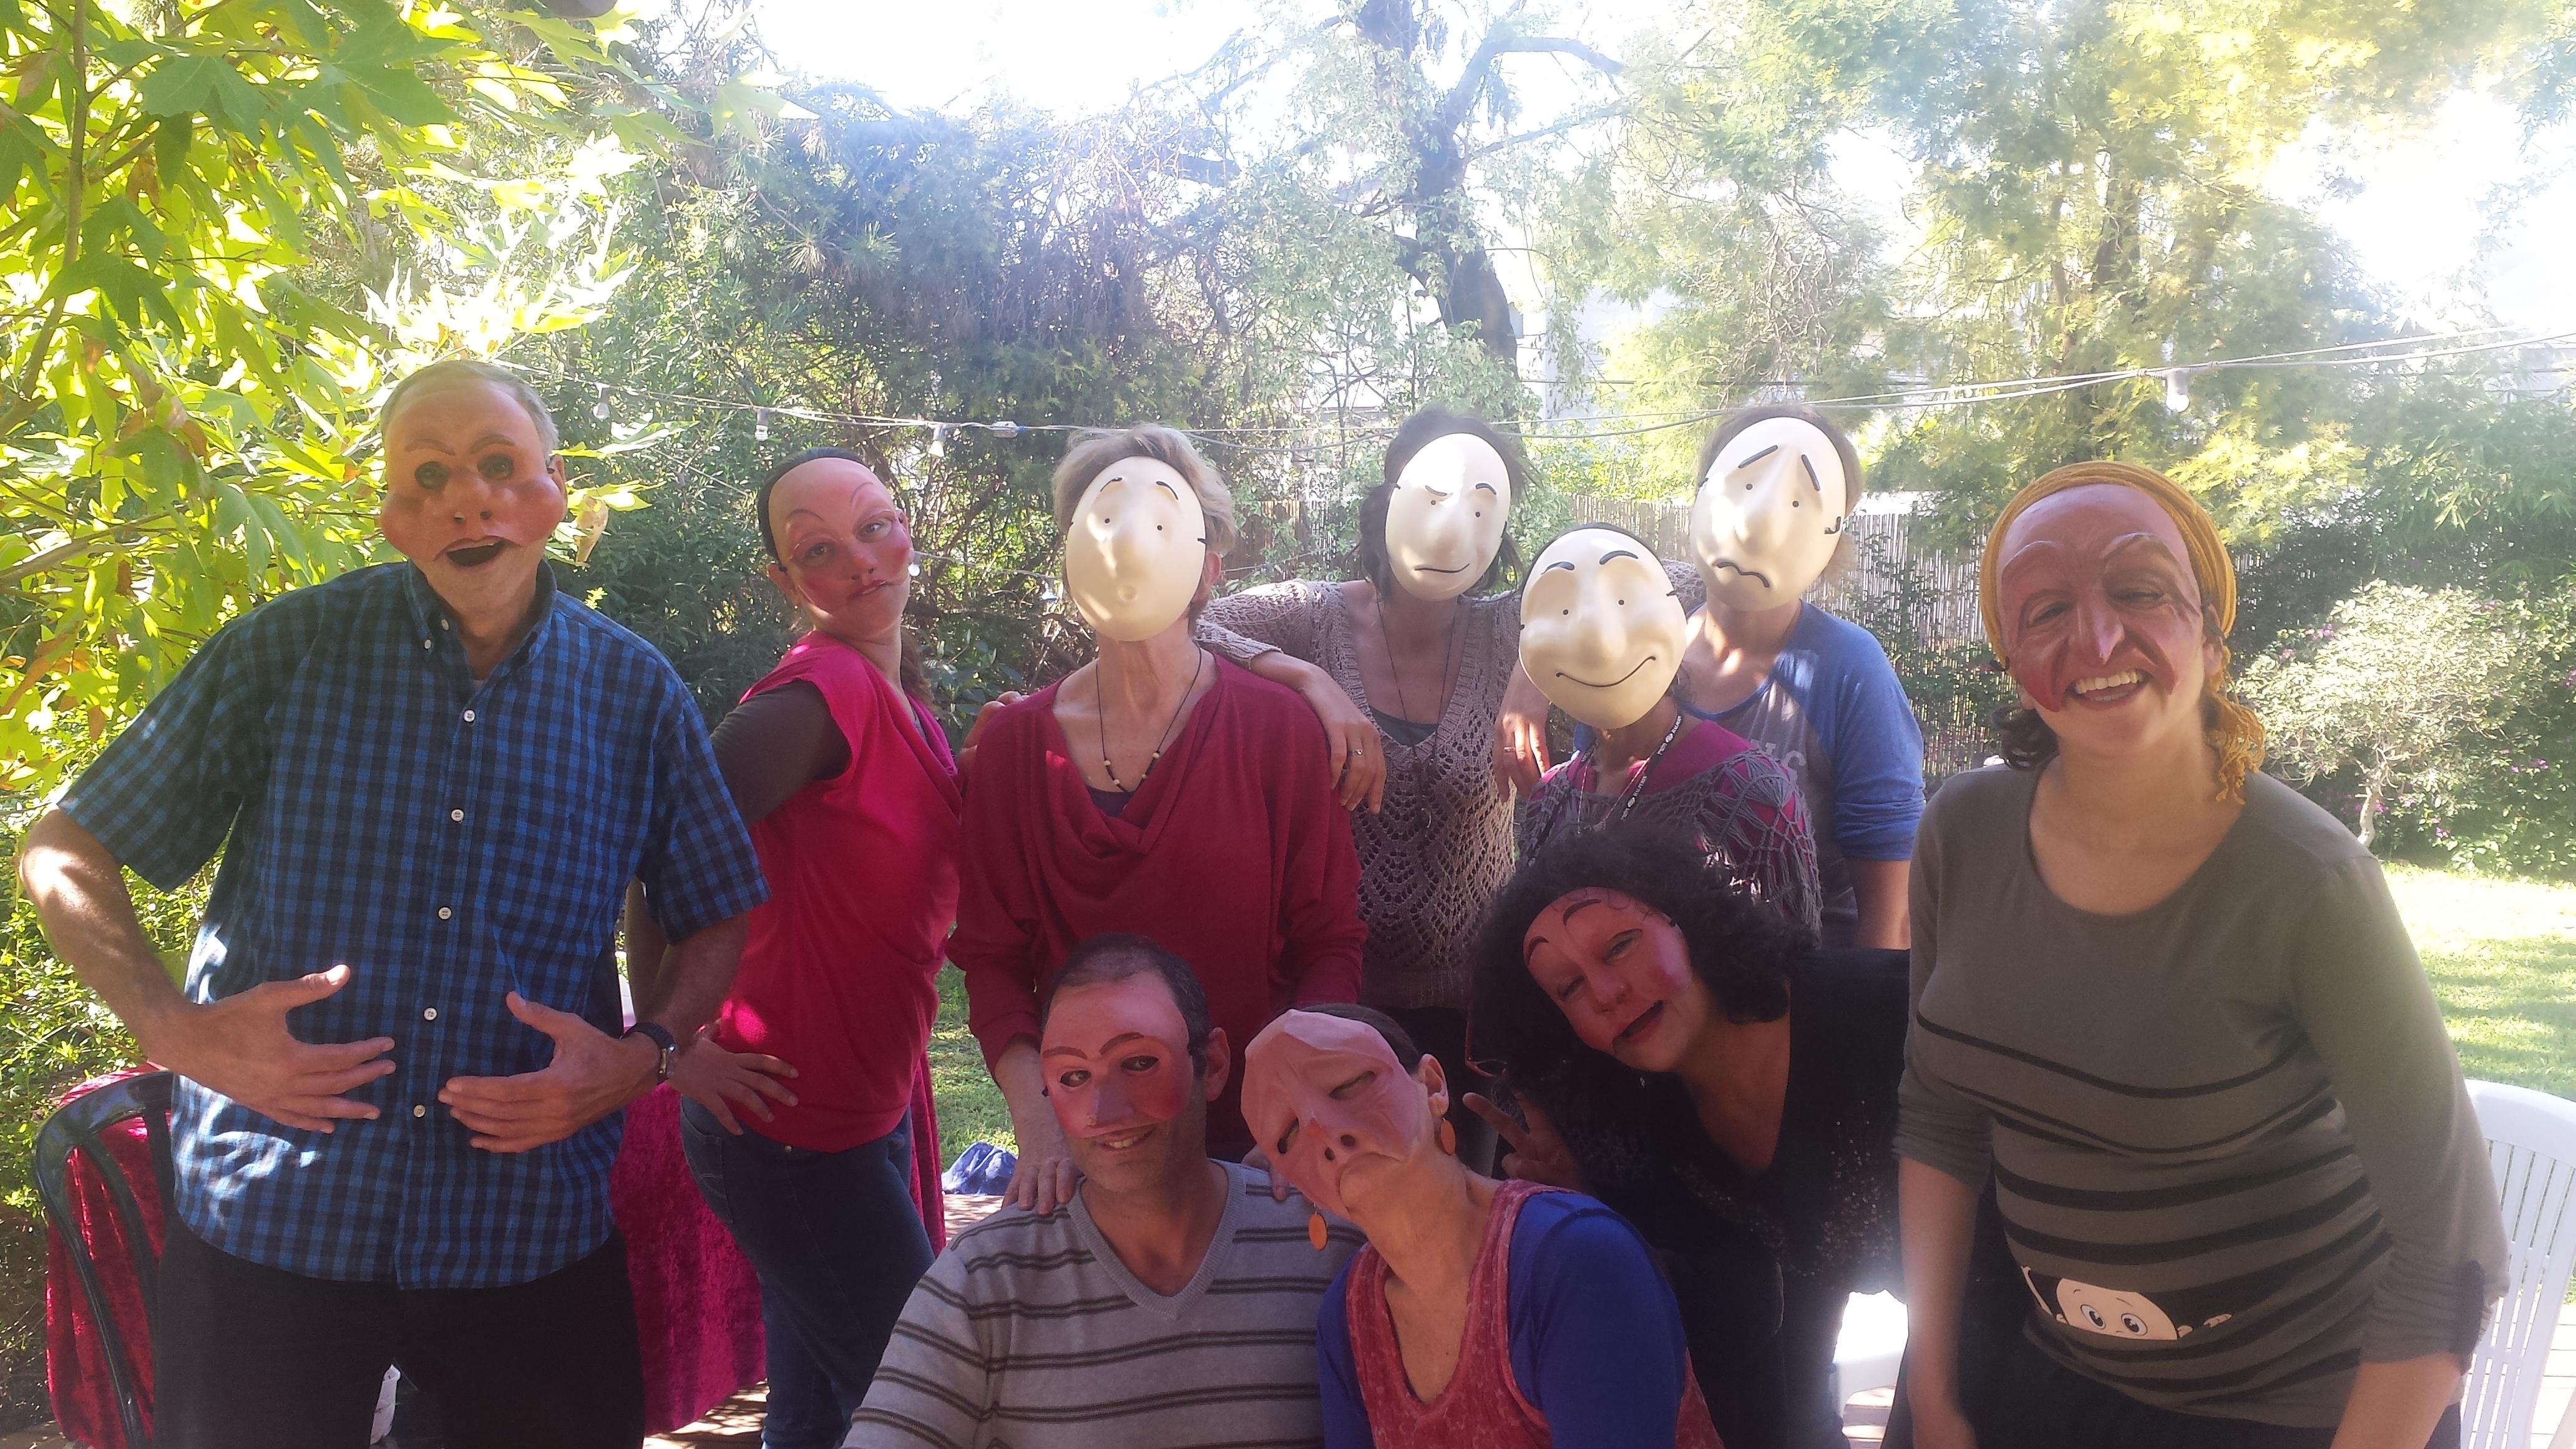 קבוצת אנשים חובשת מסכות תאטרון בסדנה מאחורי המסכה מתוך האתר של דליה סגל מנחת קבוצות